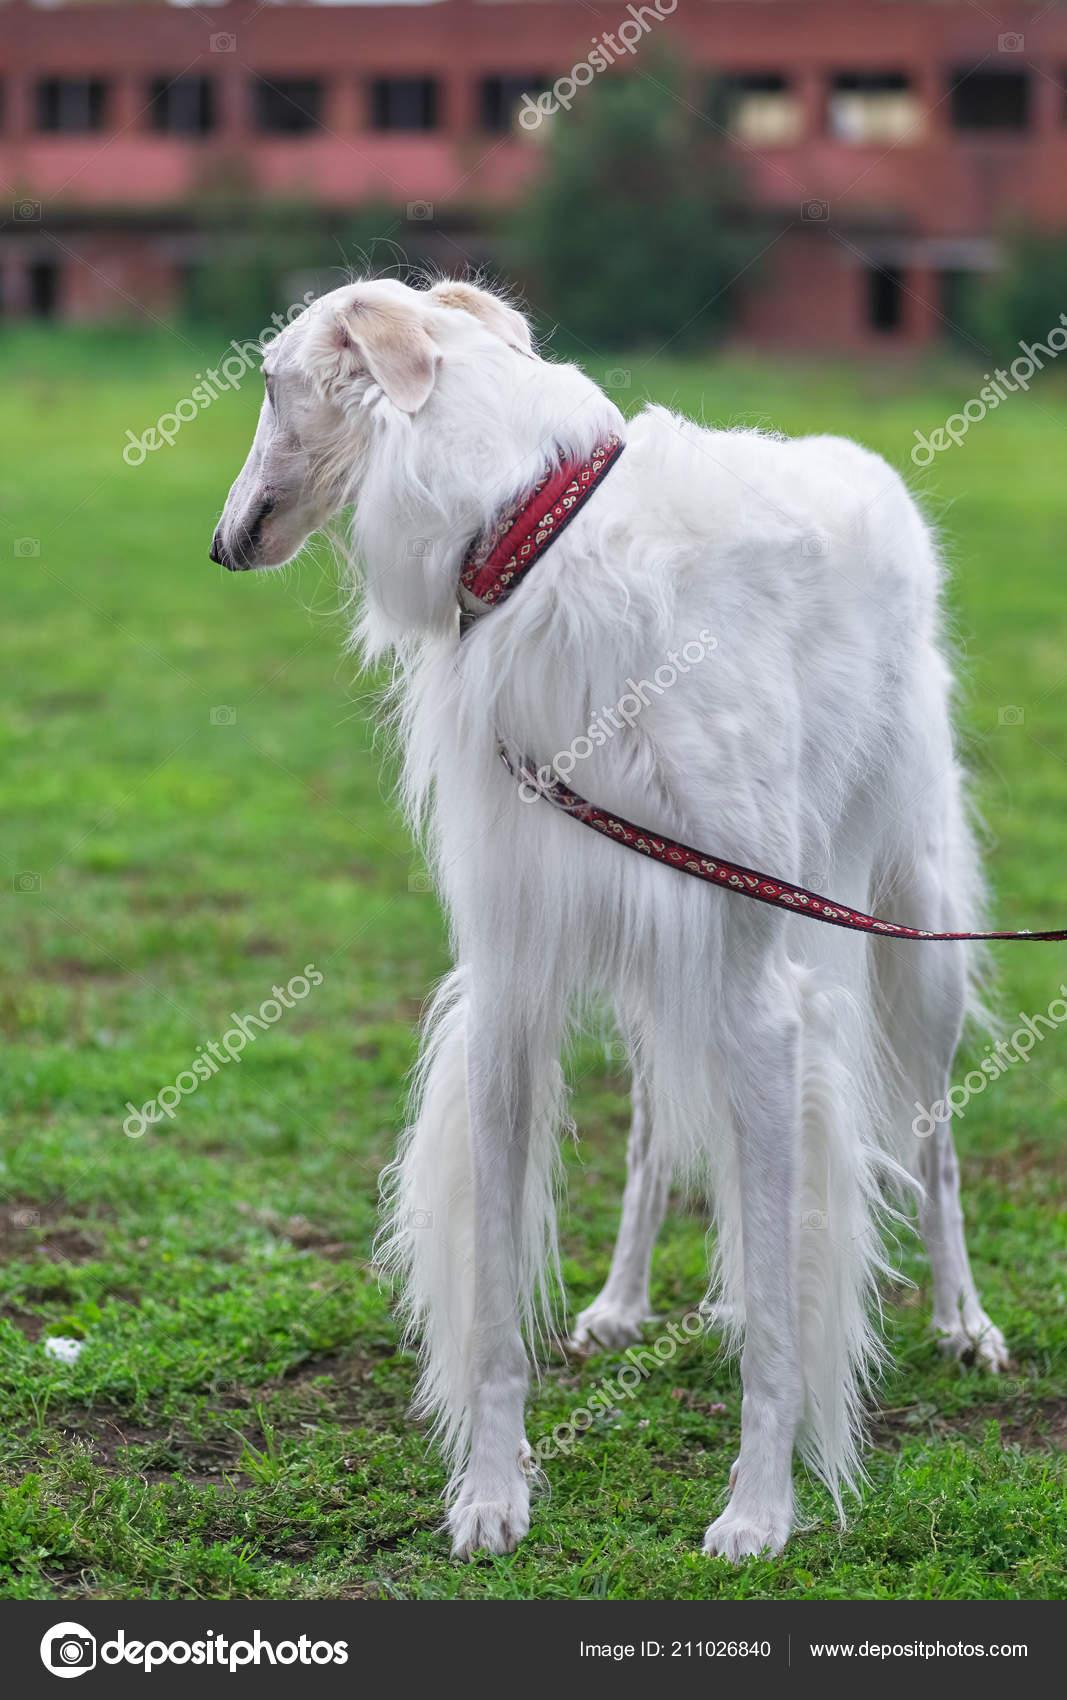 Long Haired Greyhound Dog : haired, greyhound, Greyhound, White, Close-up, Stock, Photo,, Image, Vizland, #211026840